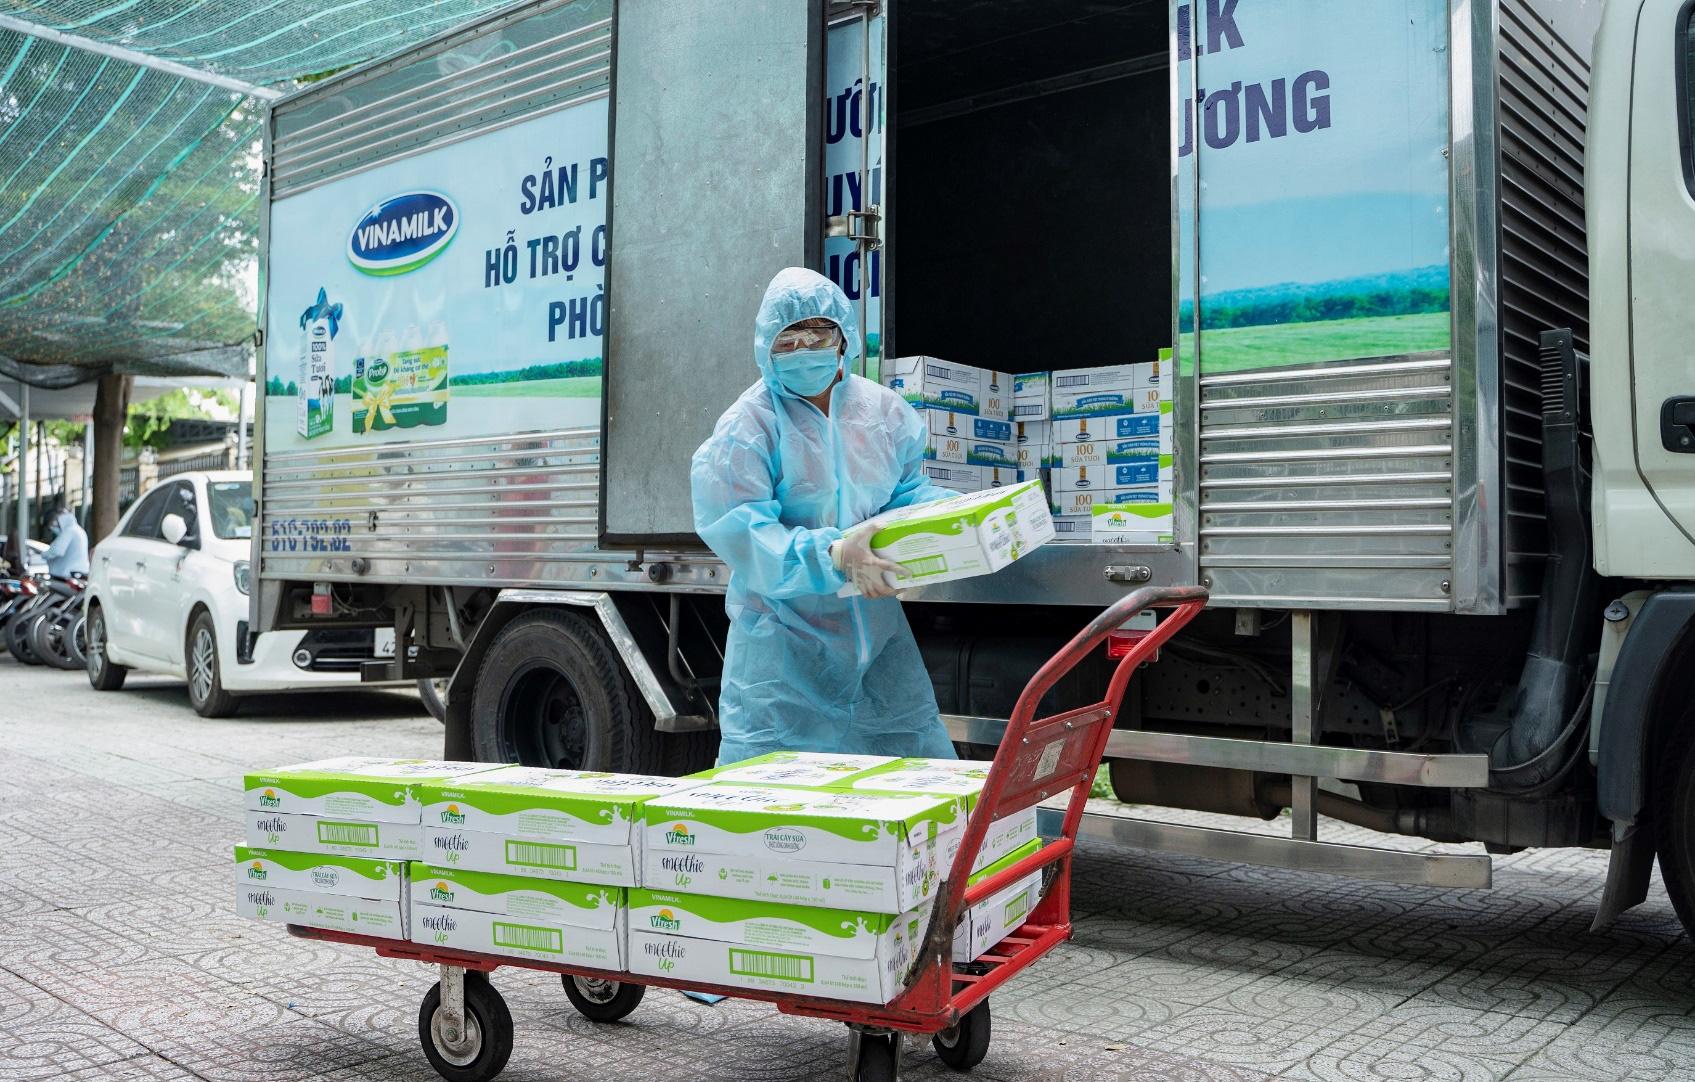 Vinamilk khởi động chiến dịch Bạn khỏe mạnh, Việt Nam khỏe mạnh với hoạt động góp vaccine phòng Covid-19 cho trẻ em - Ảnh 3.